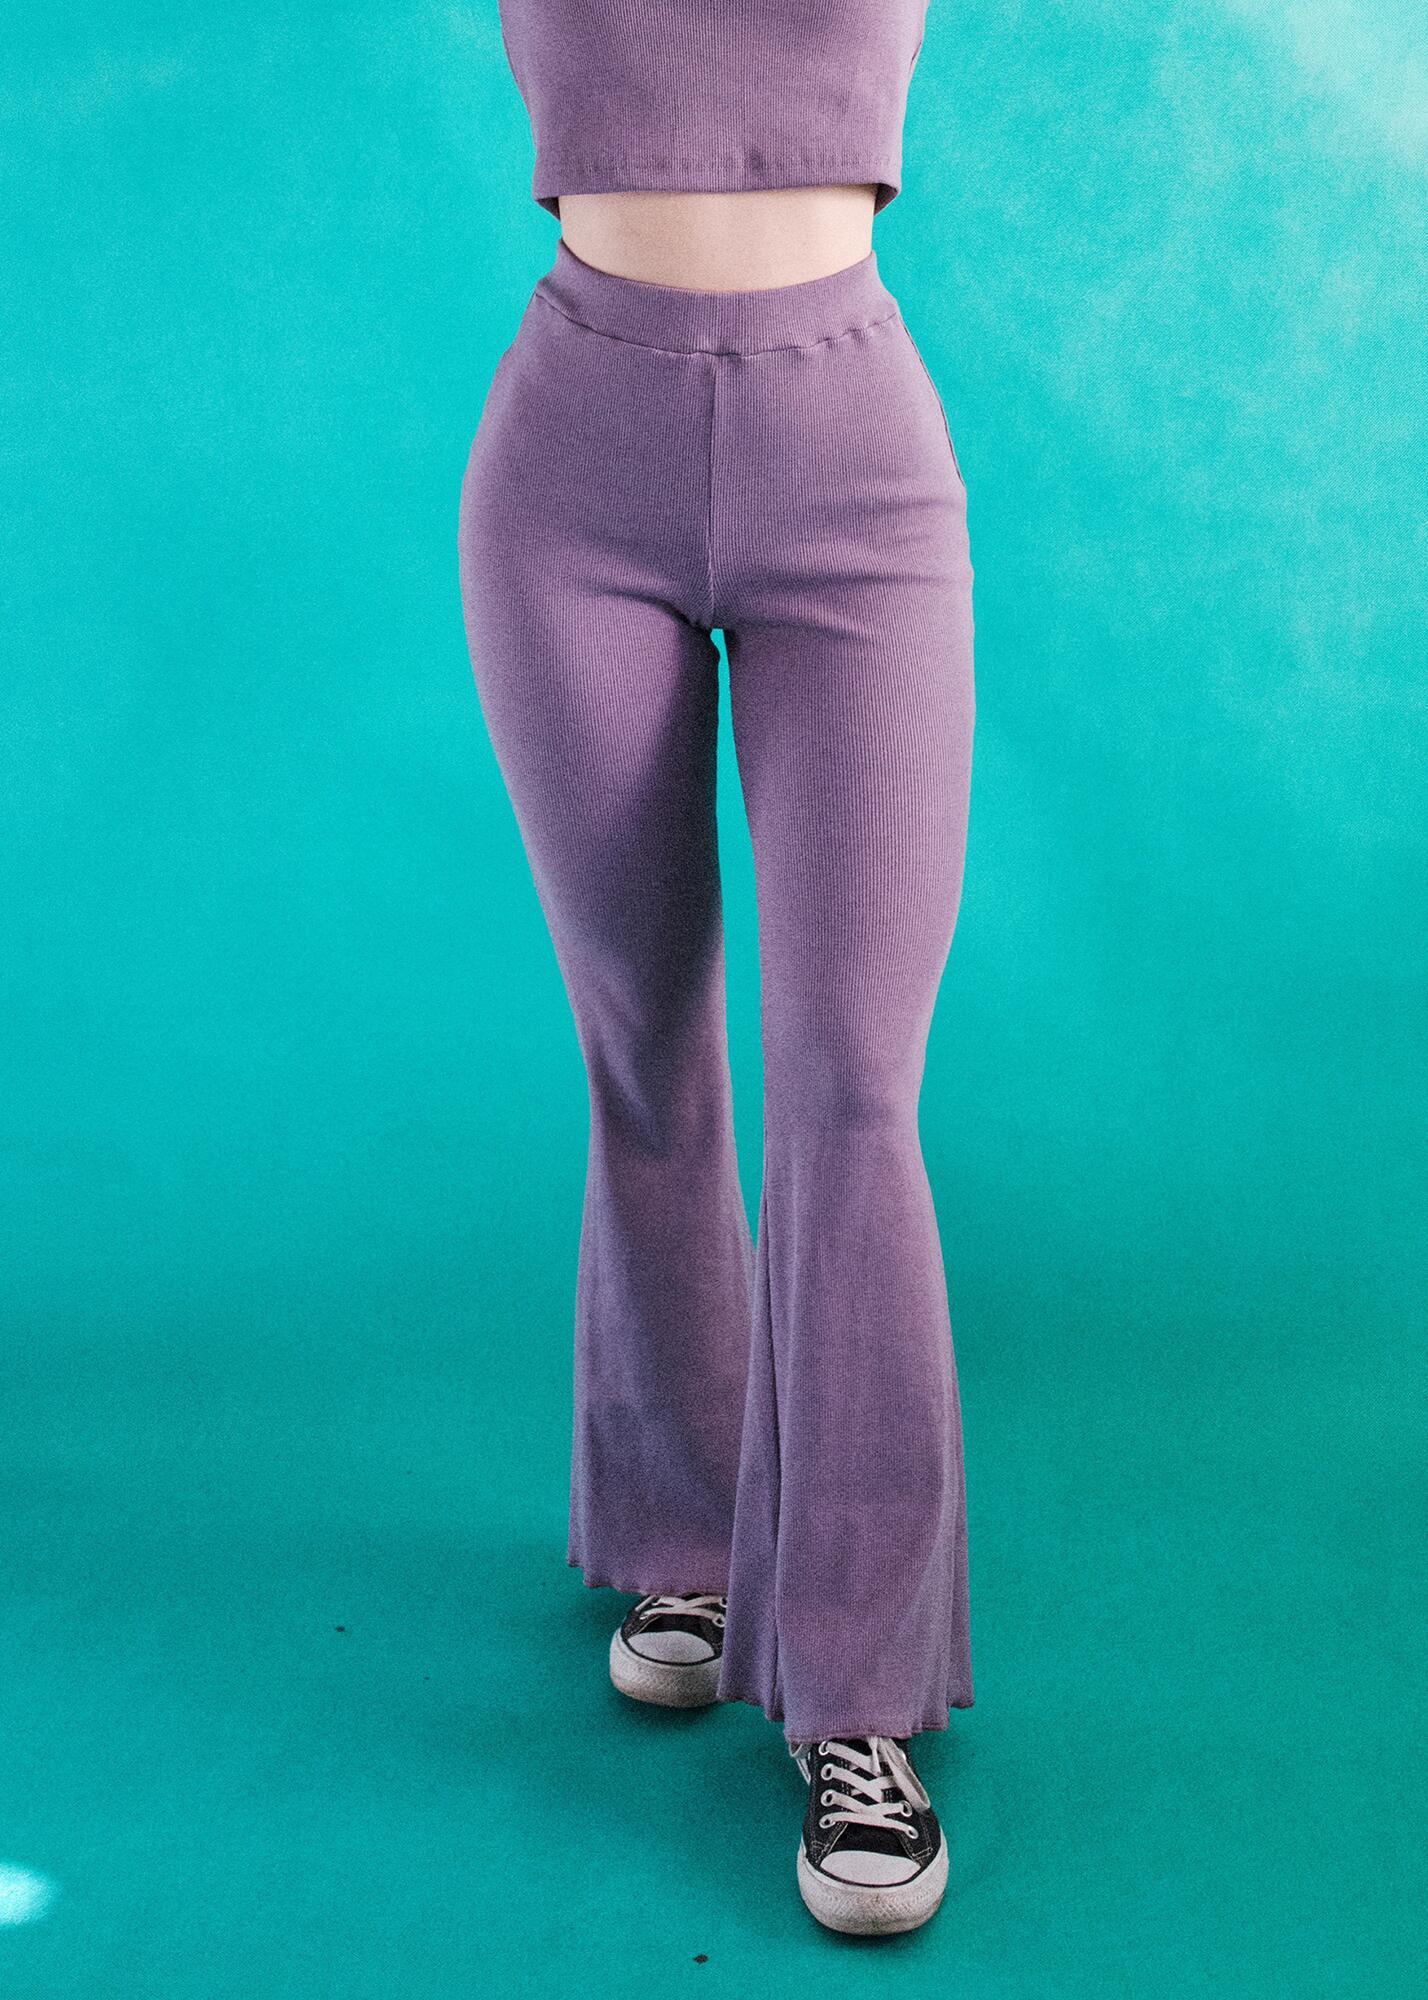 Dzwony HIPPIE Lavender - noszesztuke | JestemSlow.pl